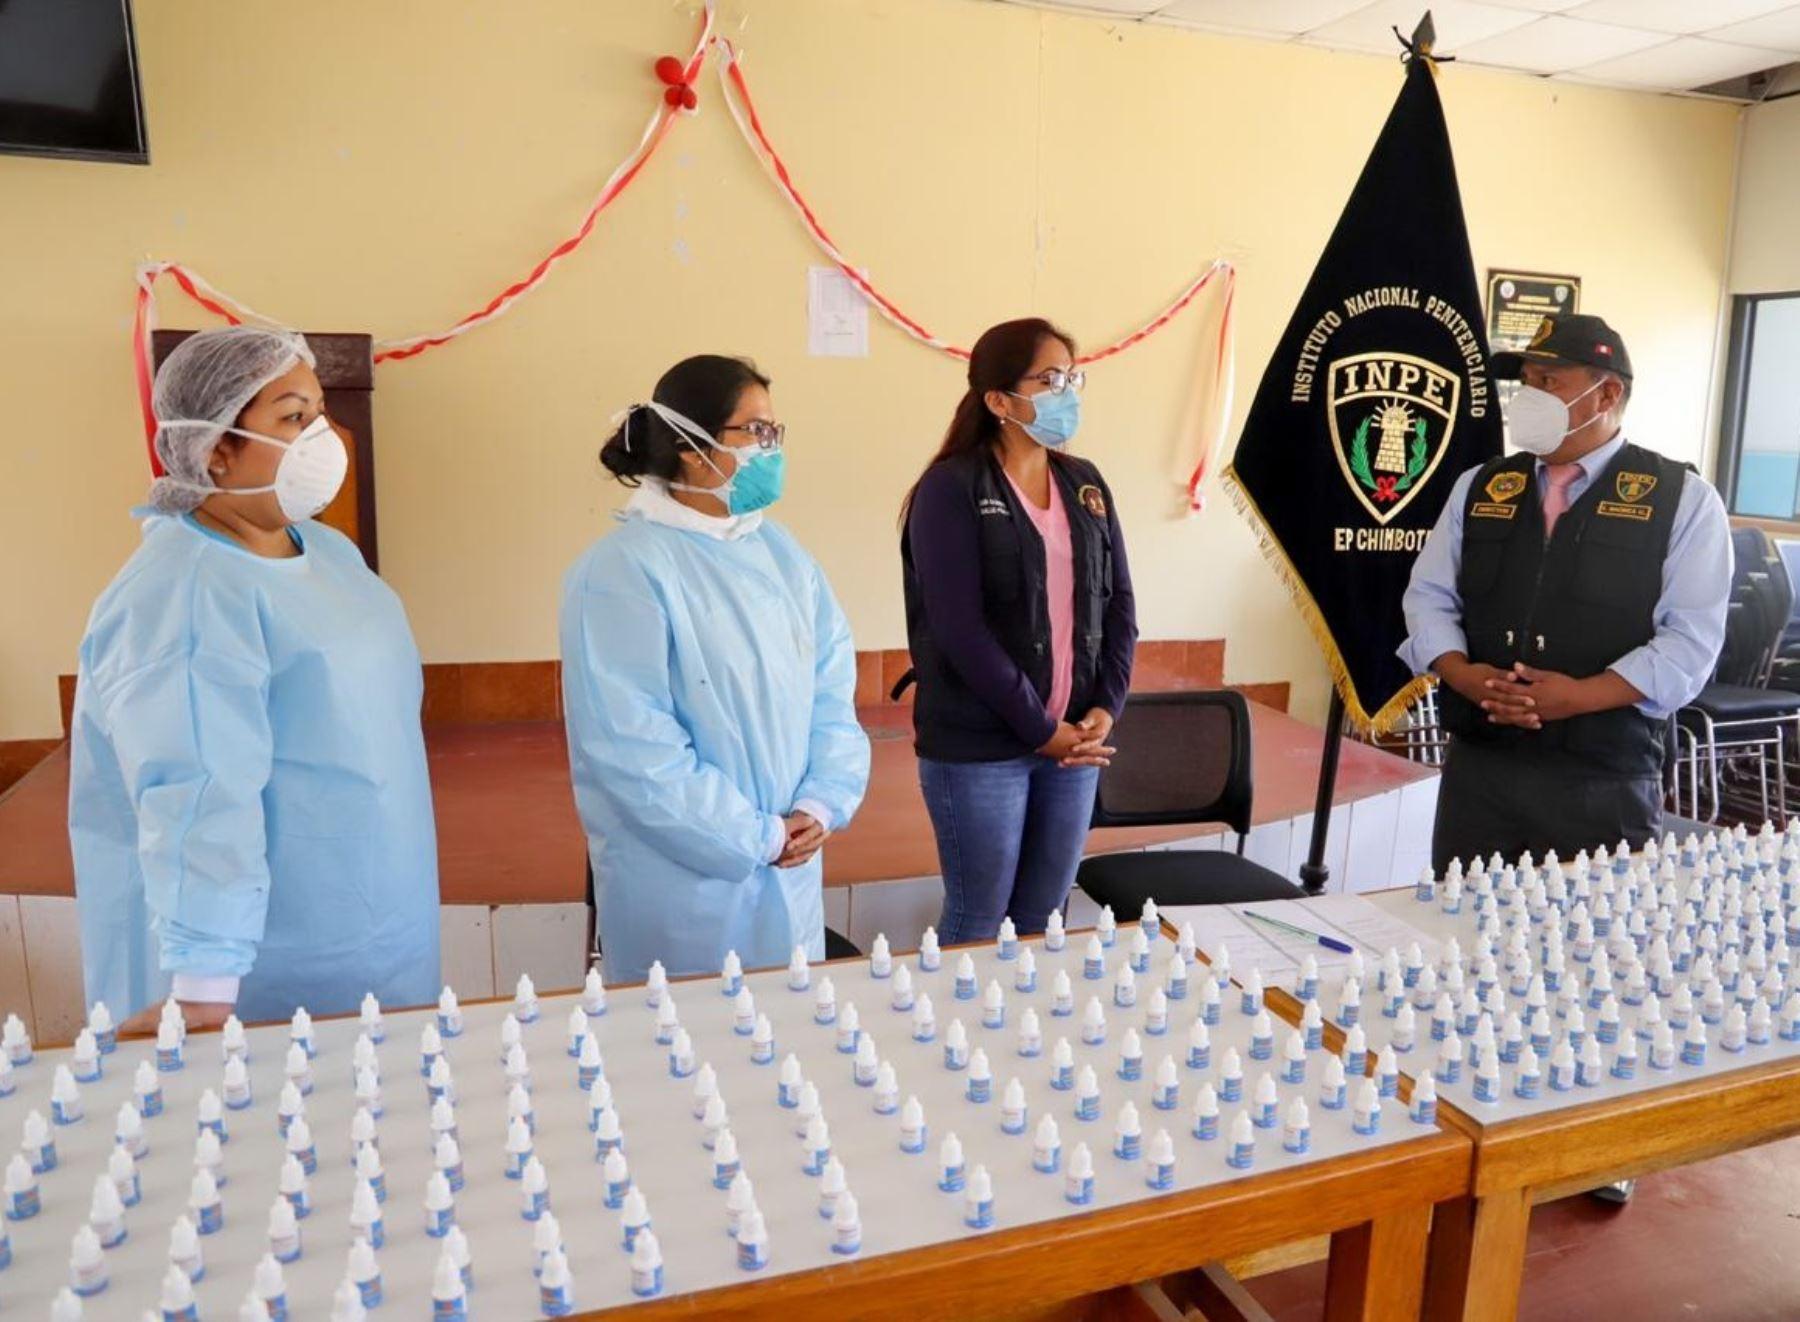 Municipalidad Provincial del Santa distribuye 500 dosis de ivermectina en penal Cambio Puente de Chimbote, en Áncash. ANDINA/Difusión